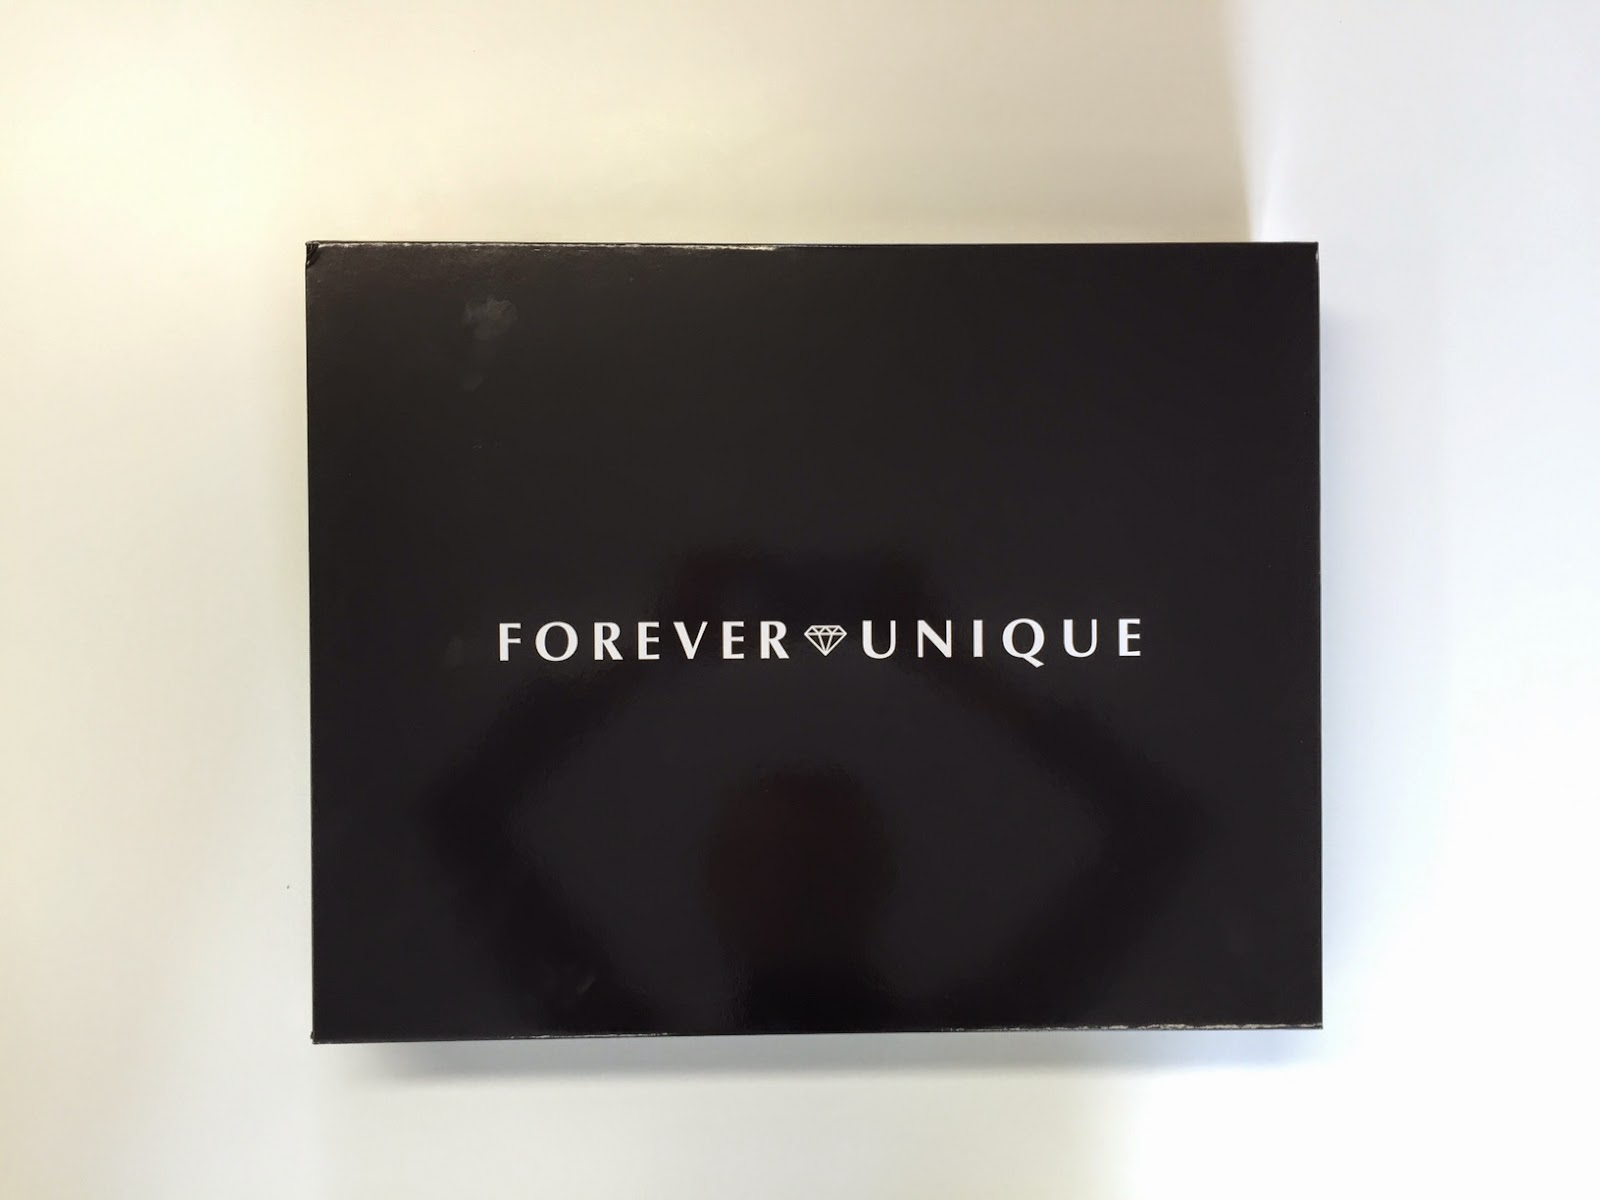 Forever Unique